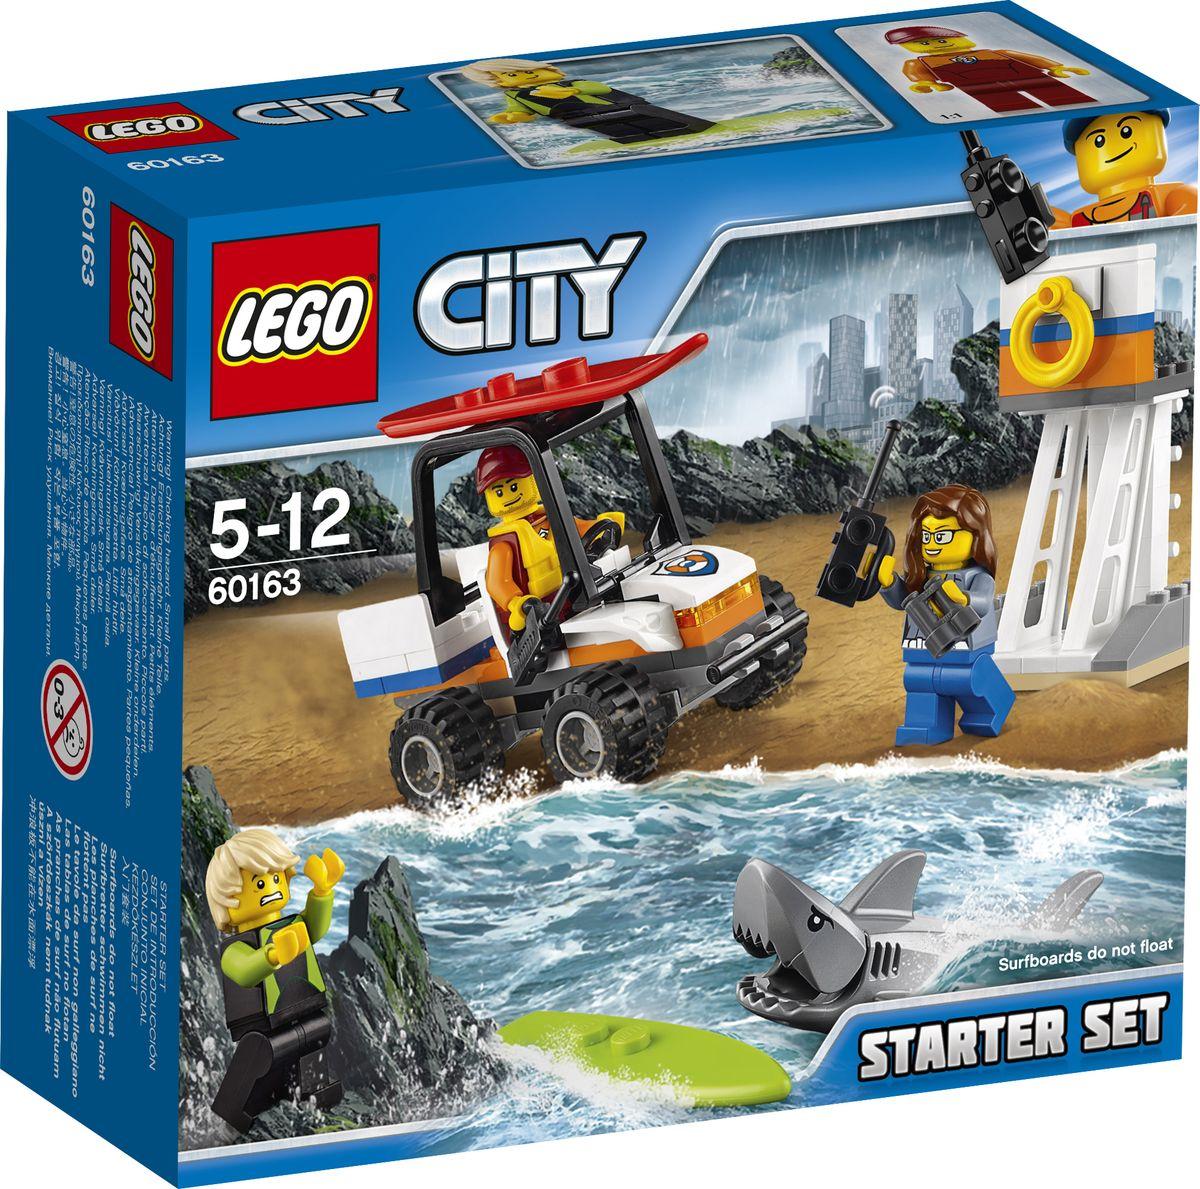 цена на LEGO City Coast Guard 60163 Набор для начинающих Береговая охрана Конструктор